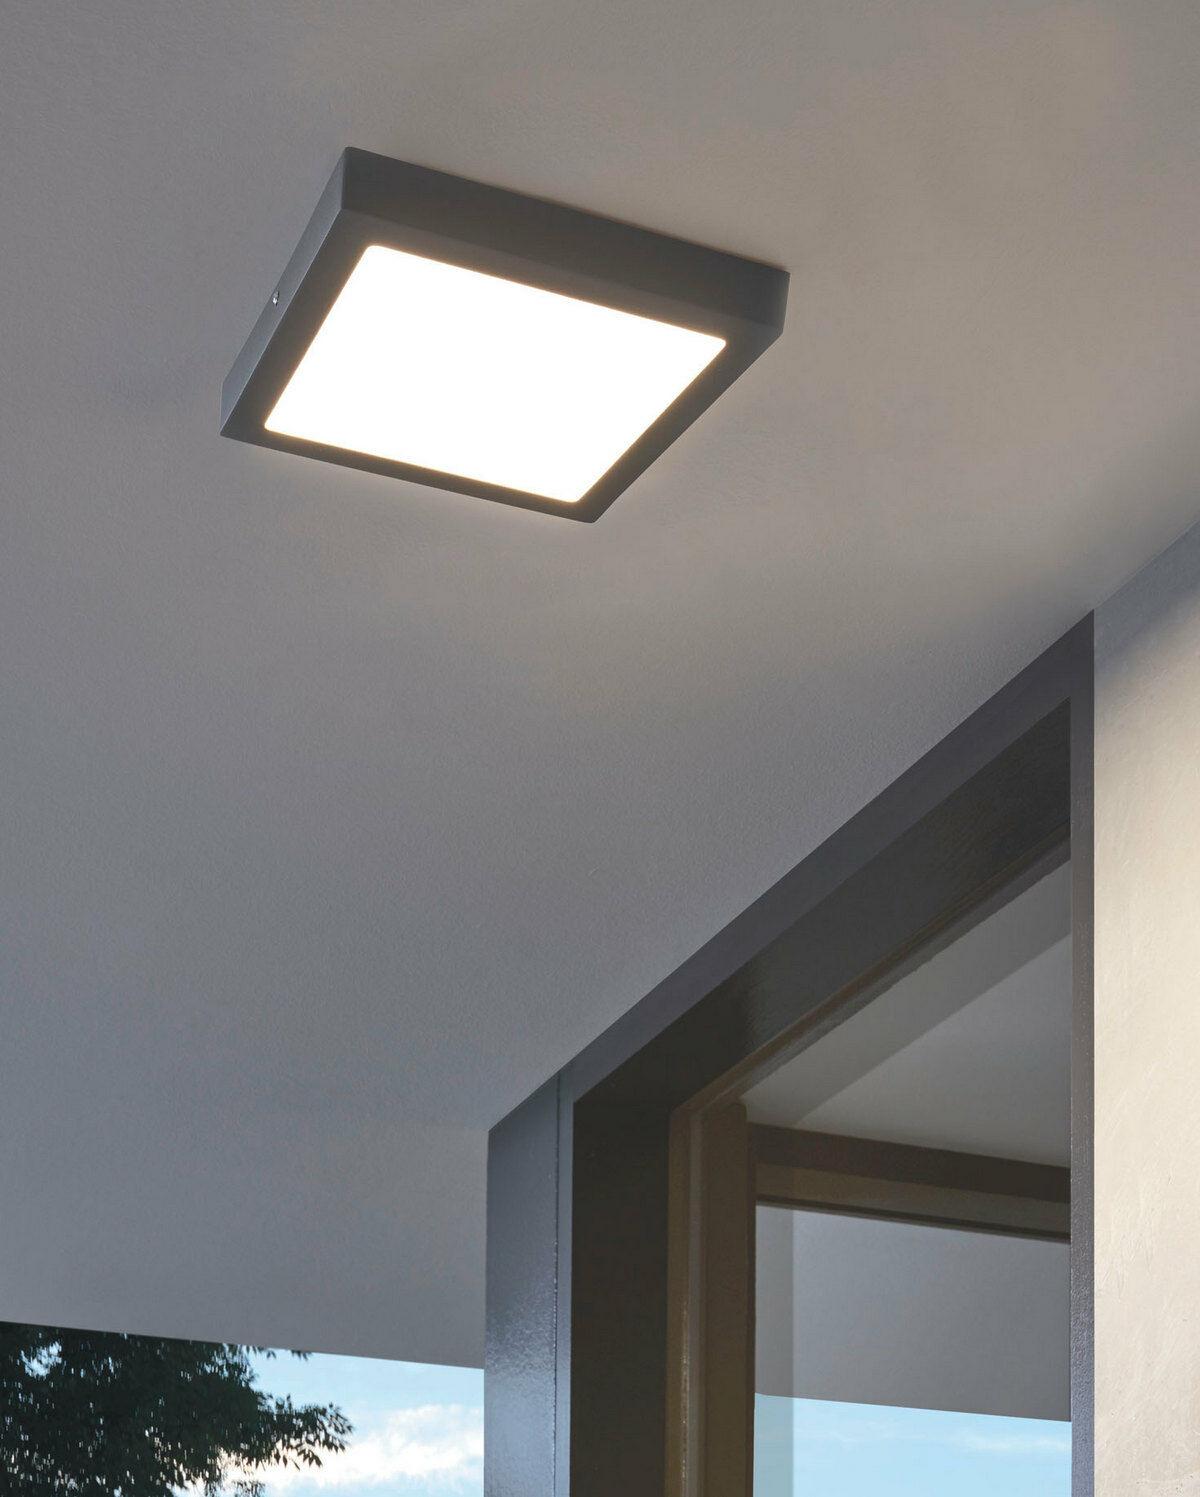 96495 EGLO ARGOLIS kültéri lámpa